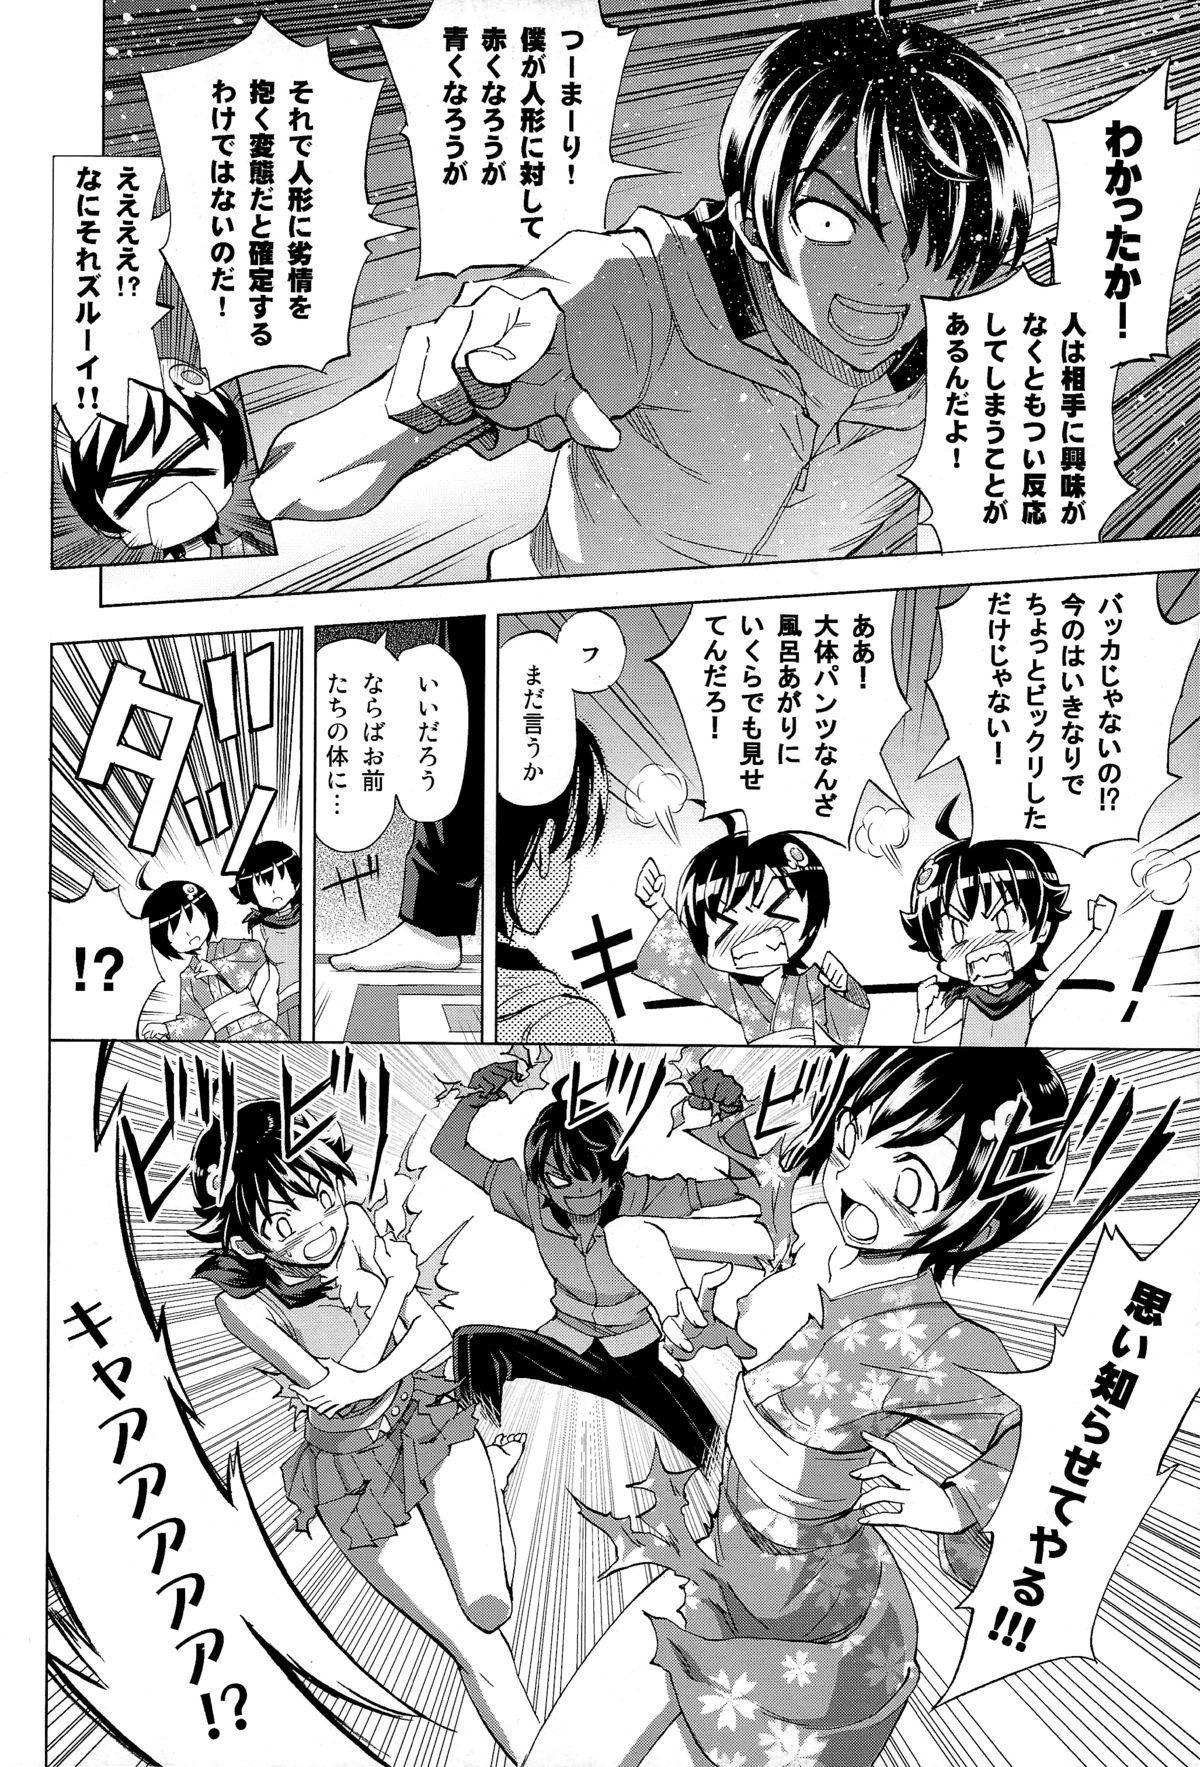 Hentai Judgment 21